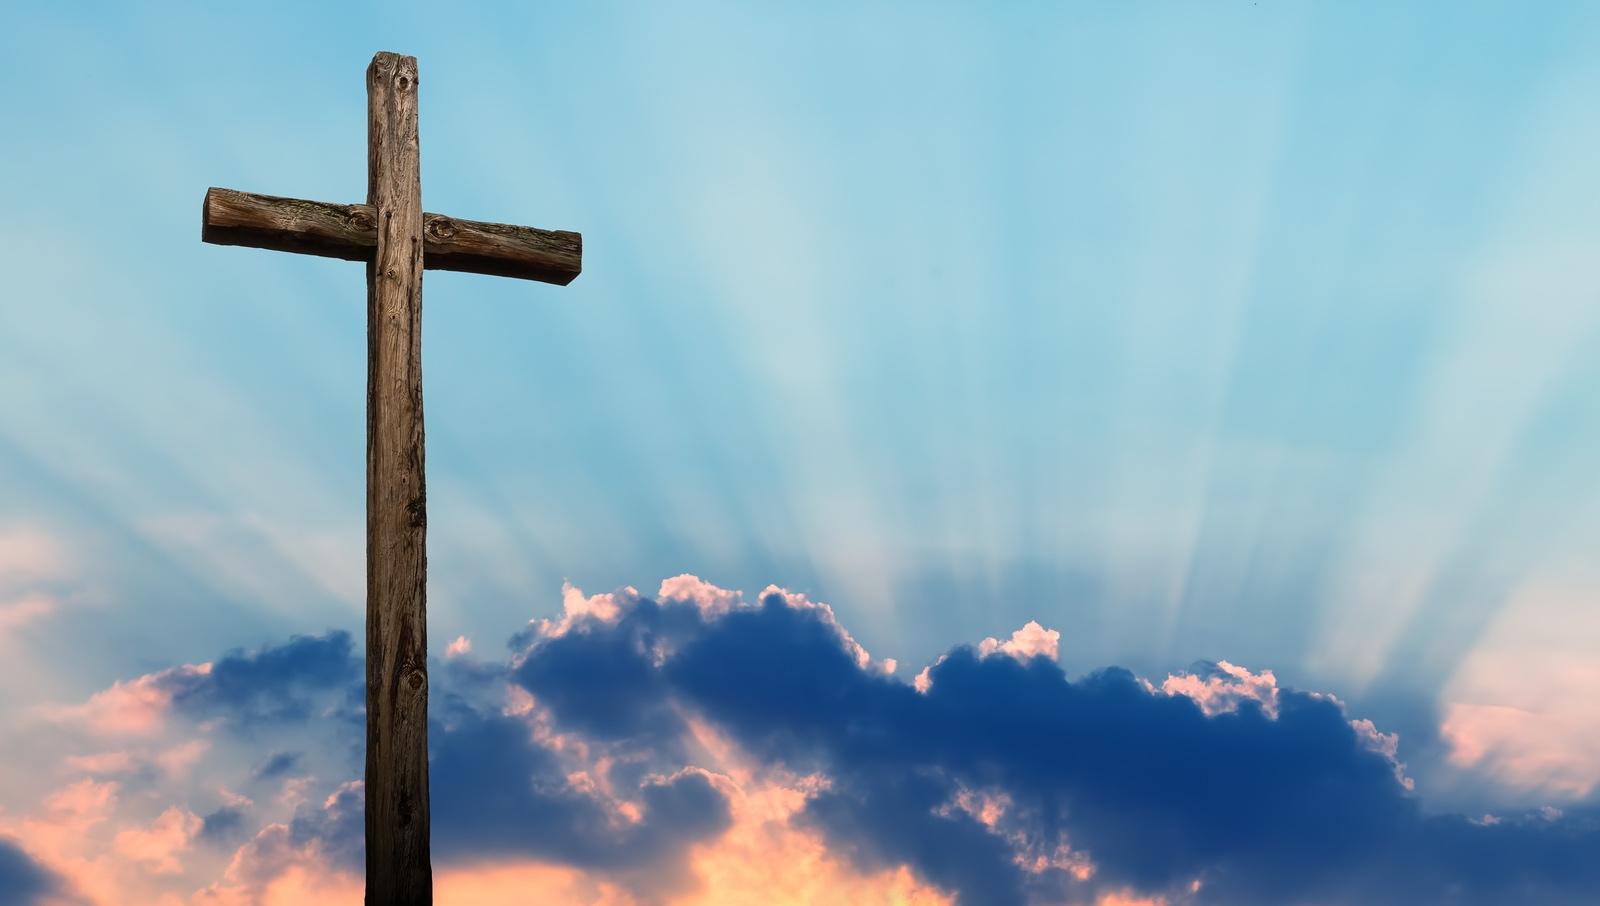 Christianity For Ks1 And Ks2 Children